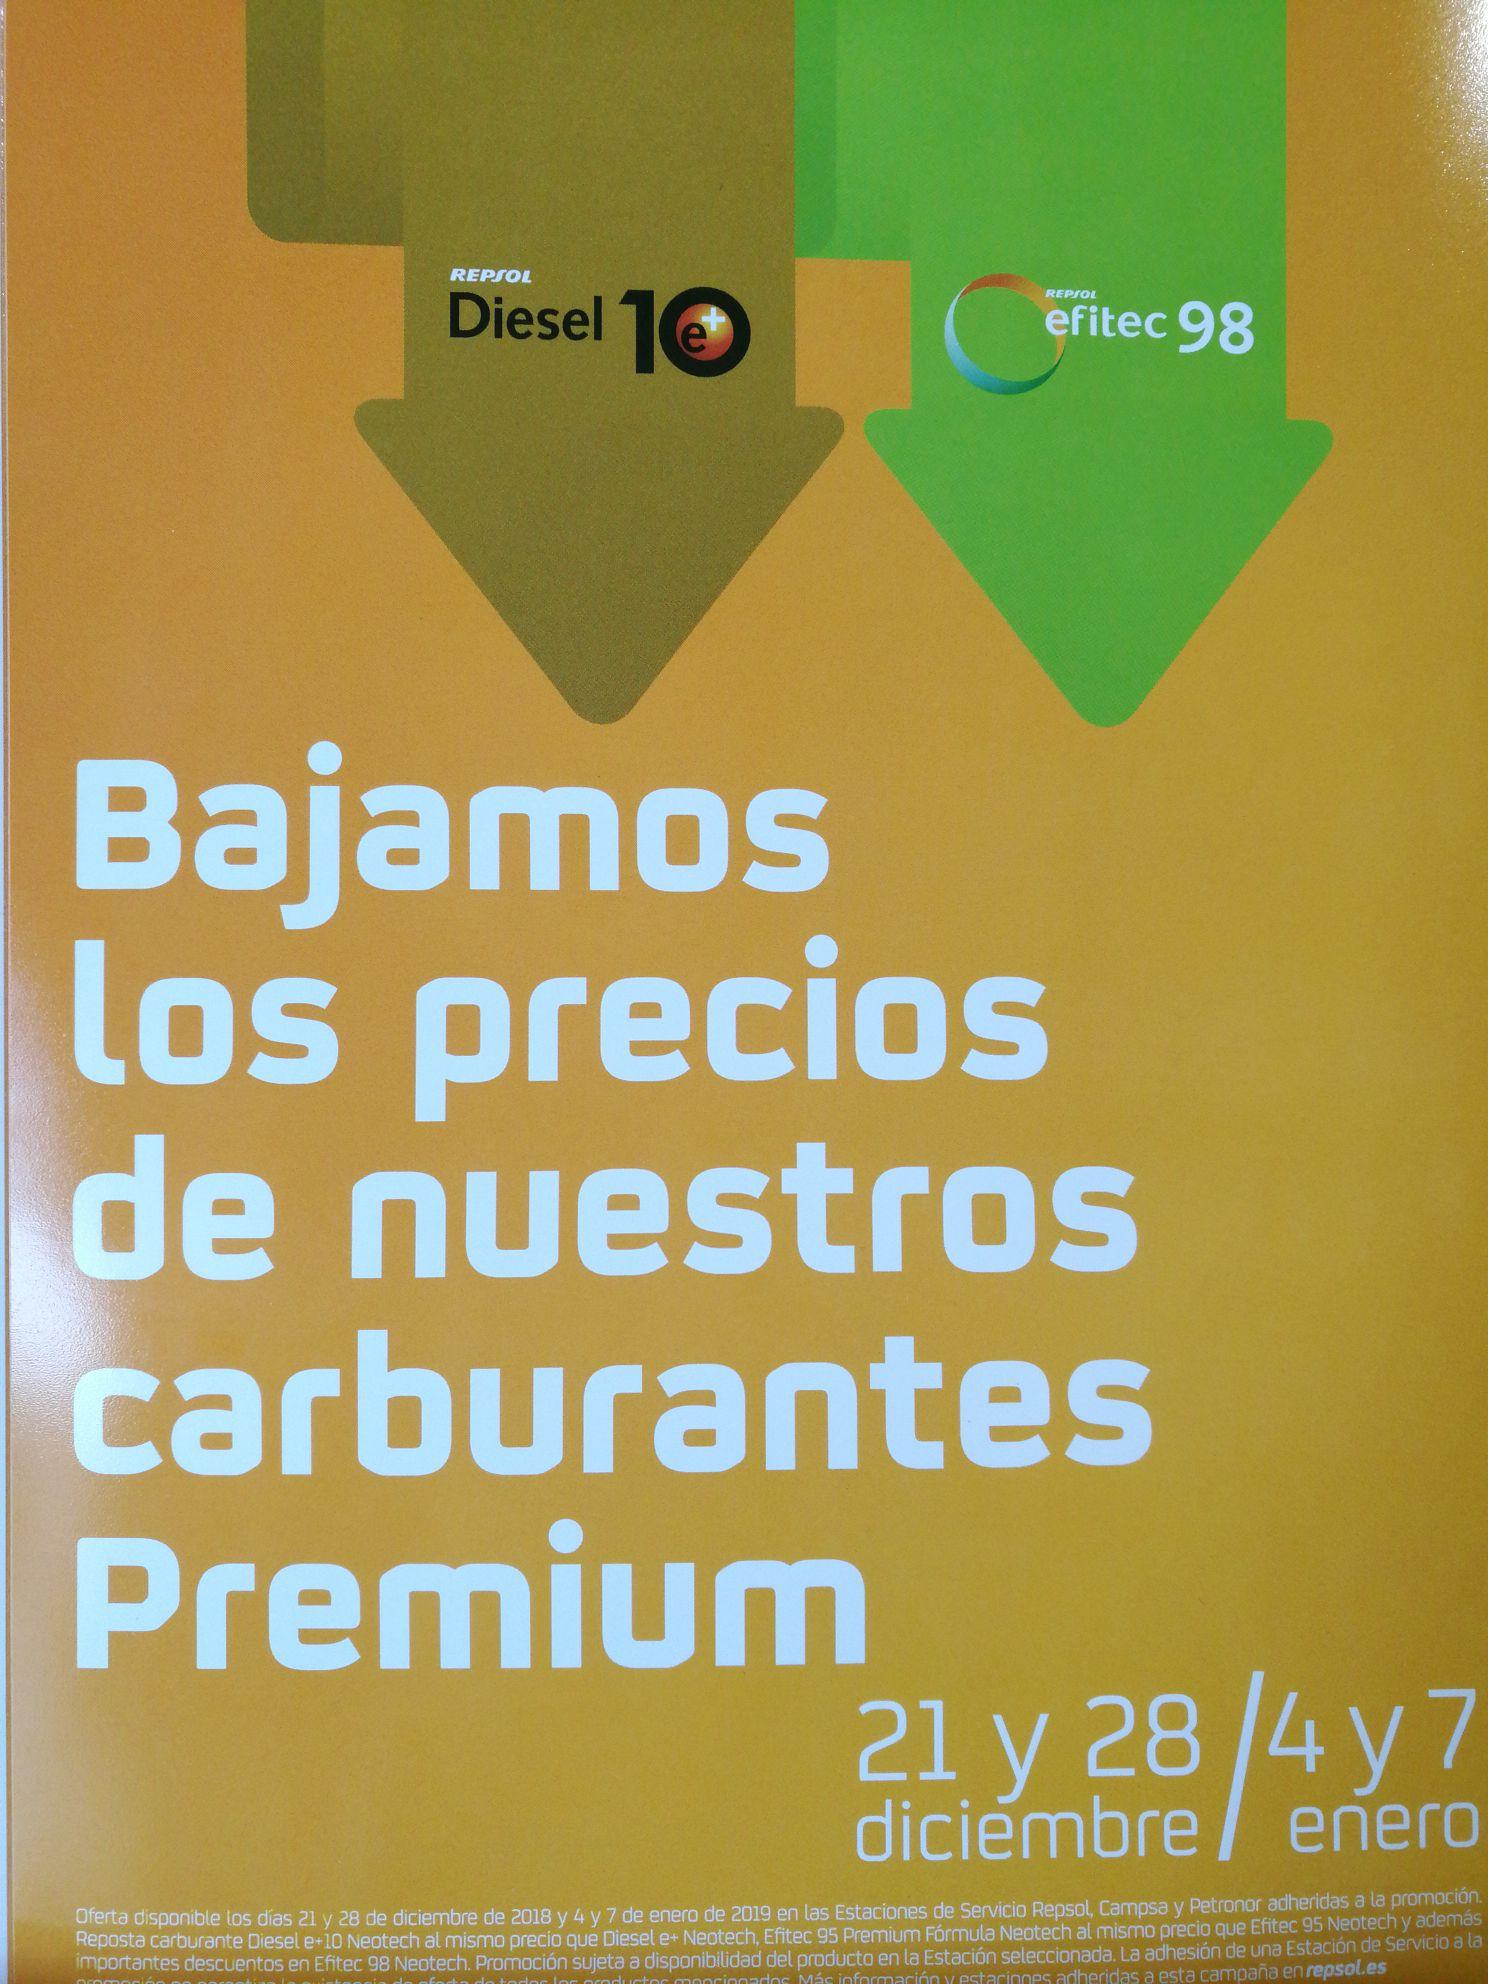 Descuento diésel y gasolina Repsol